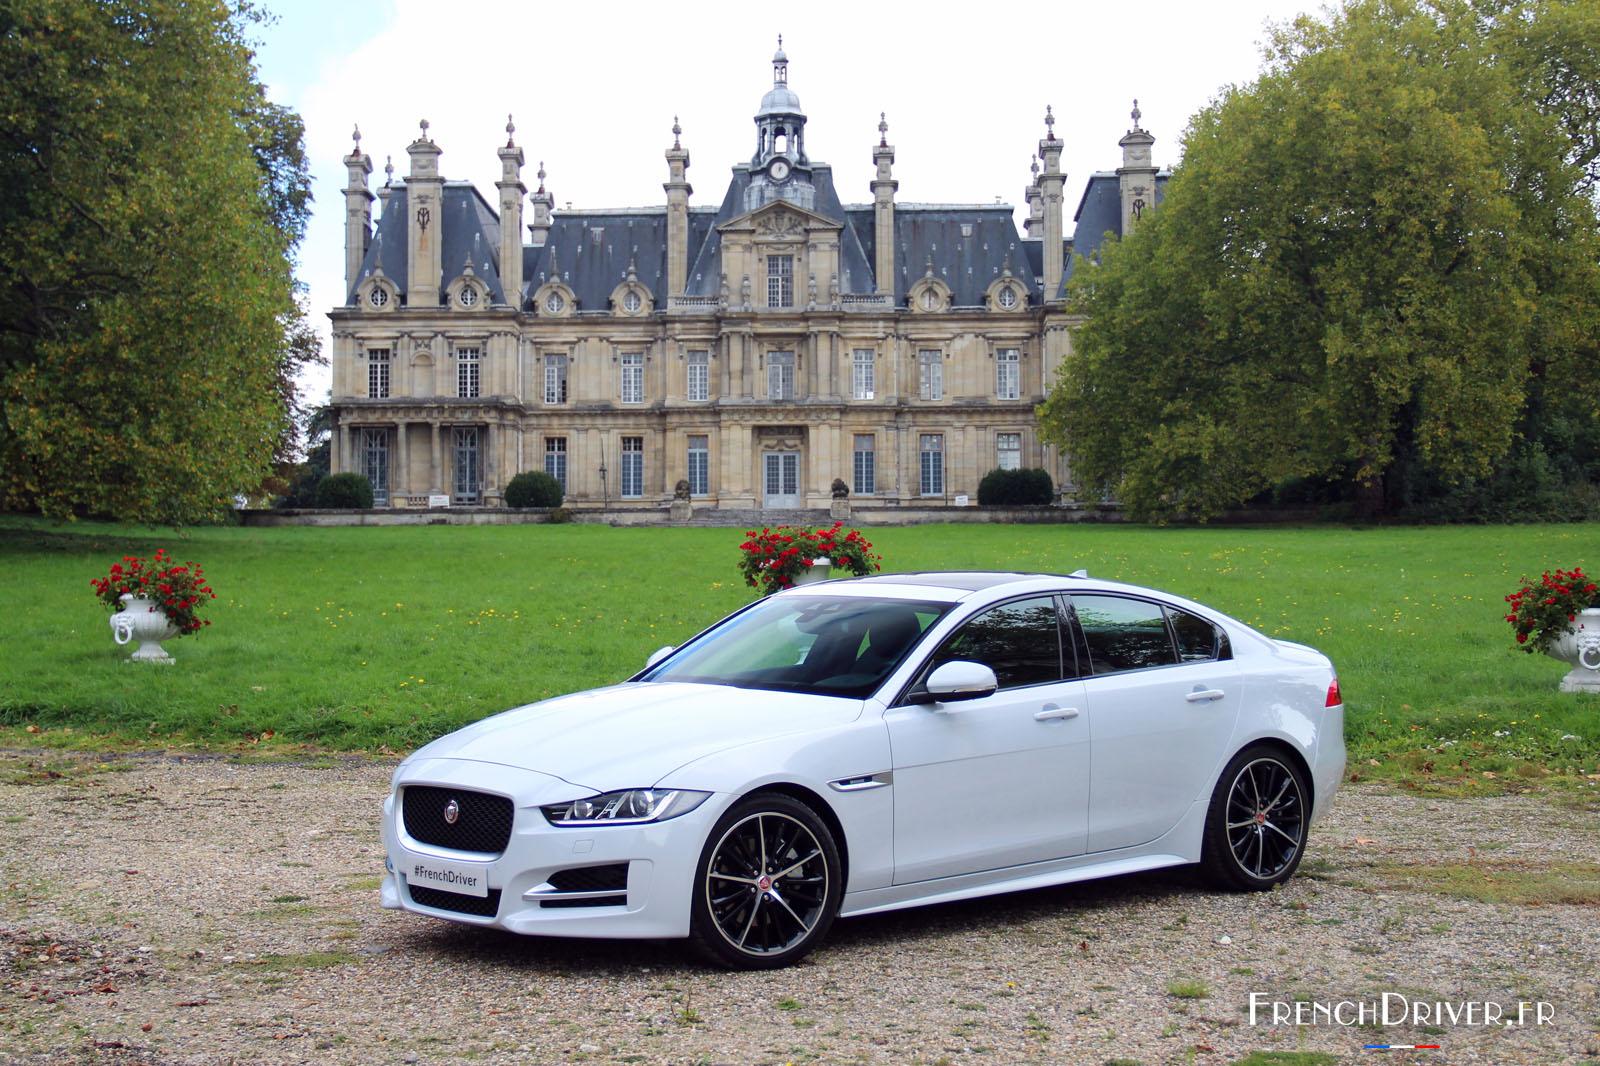 essai de la jaguar xe r sport 200 ch dynamisme f lin l gance britannique french driver. Black Bedroom Furniture Sets. Home Design Ideas